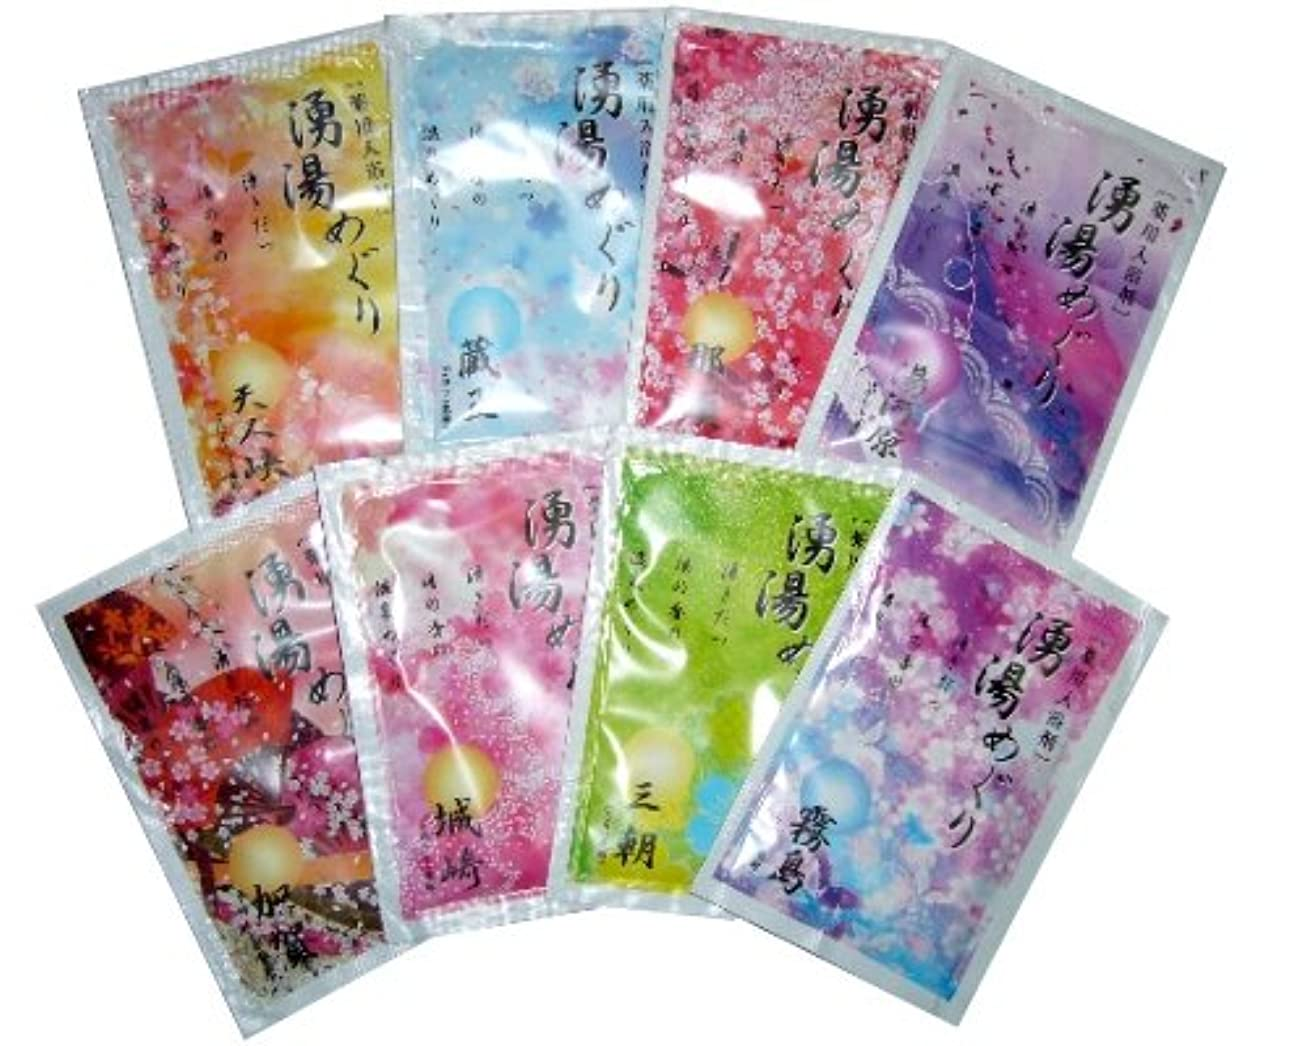 赤外線スモッグ相続人薬用入浴剤 湧湯めぐりシリーズ 8種?各10包?計80包セット